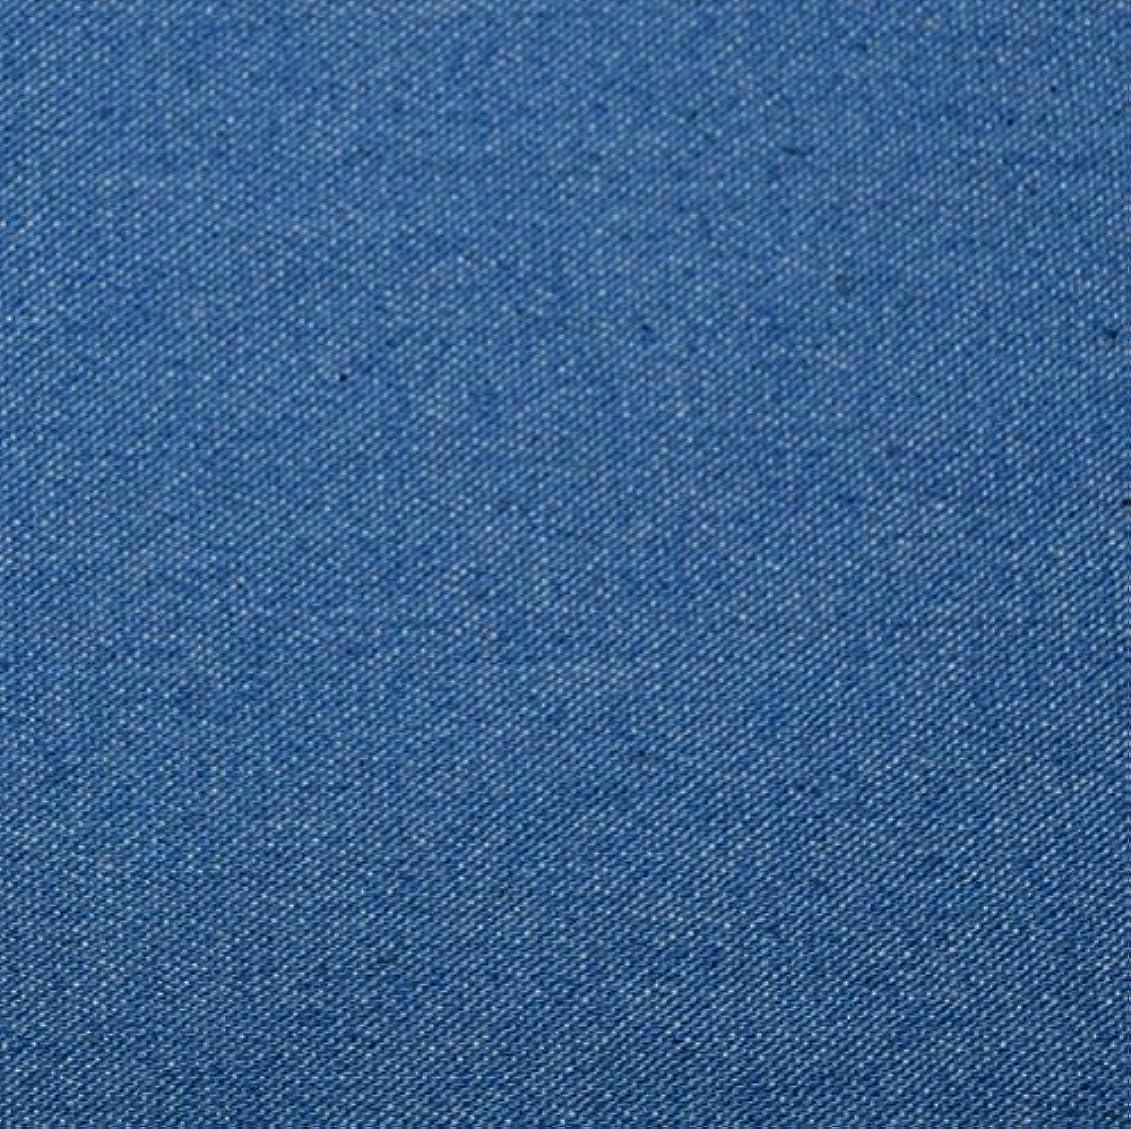 Stretch Denim Fabric - Sky Blue- 8 oz - 52